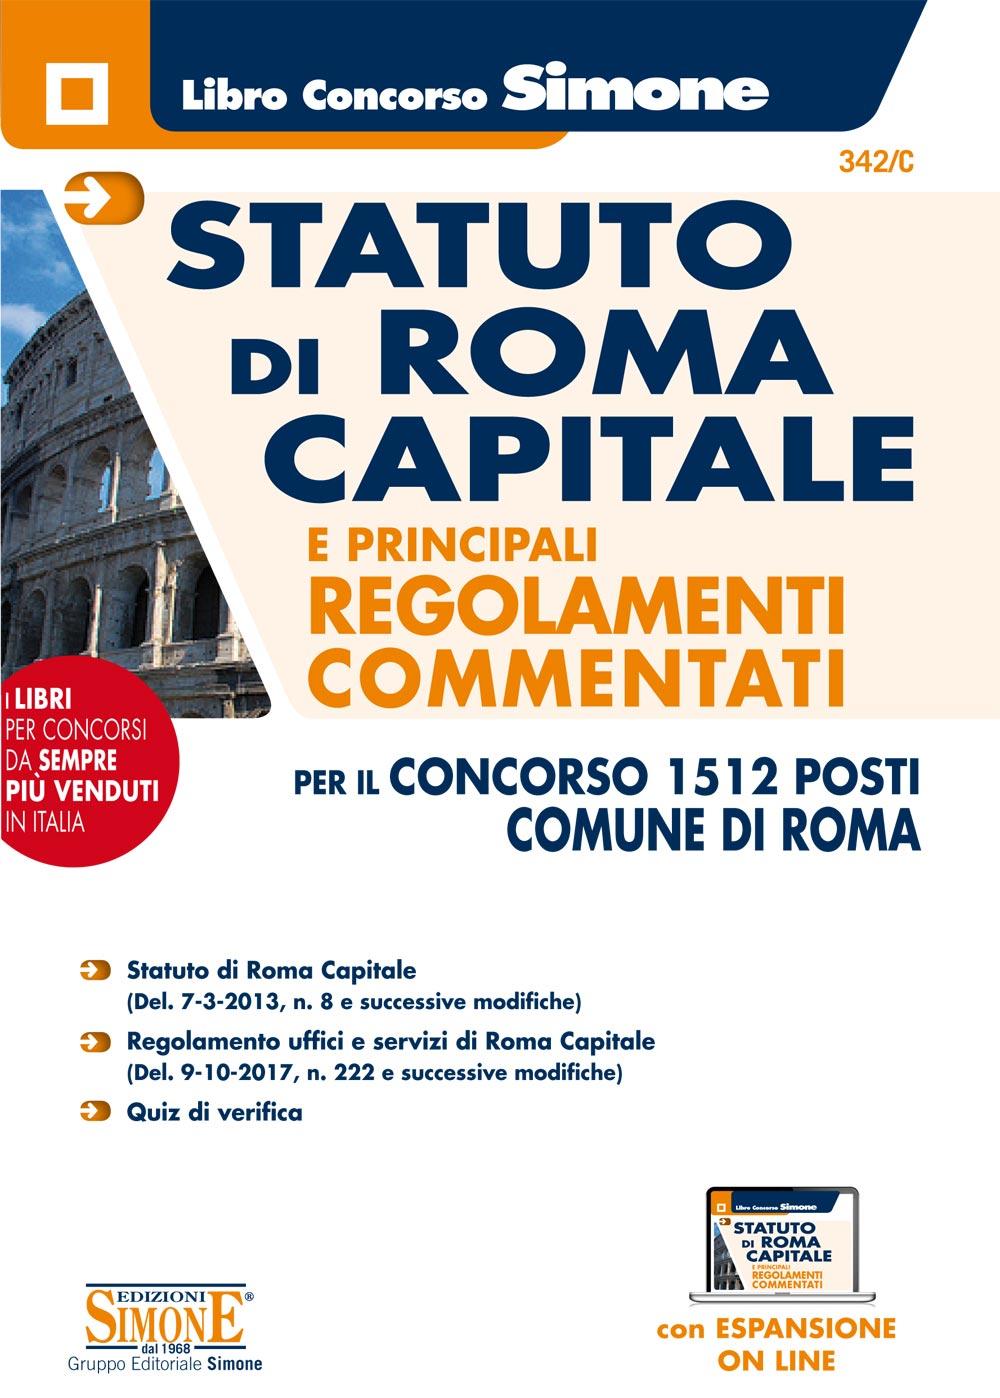 Statuto di Roma Capitale